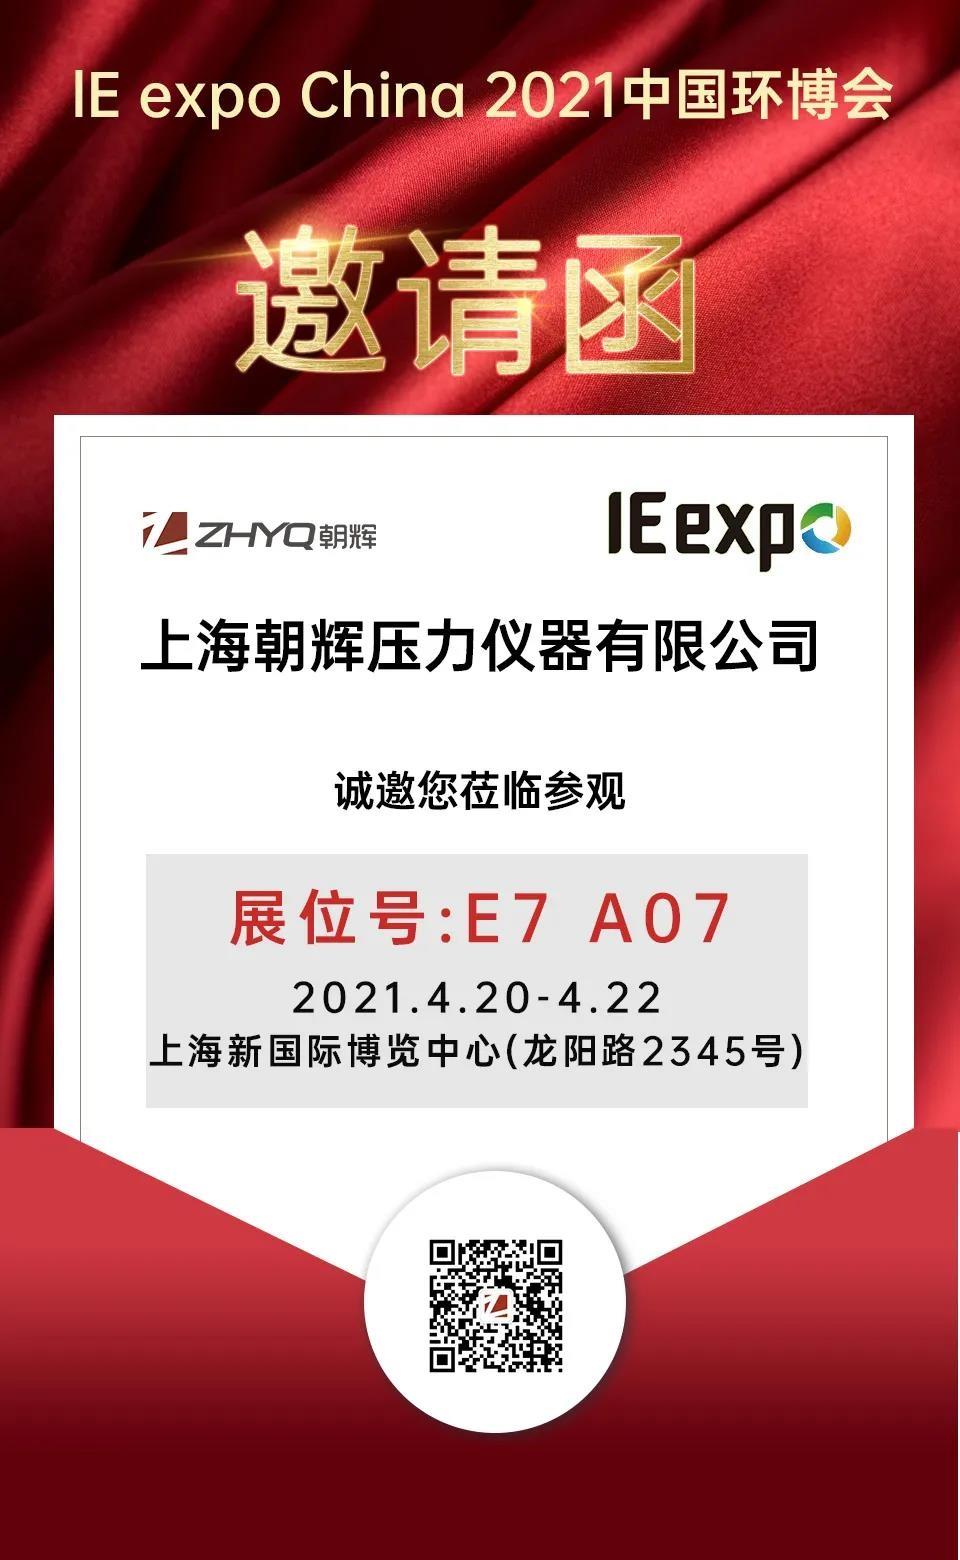 上海朝輝 4月20-22日與您相約上海新國際博覽中心